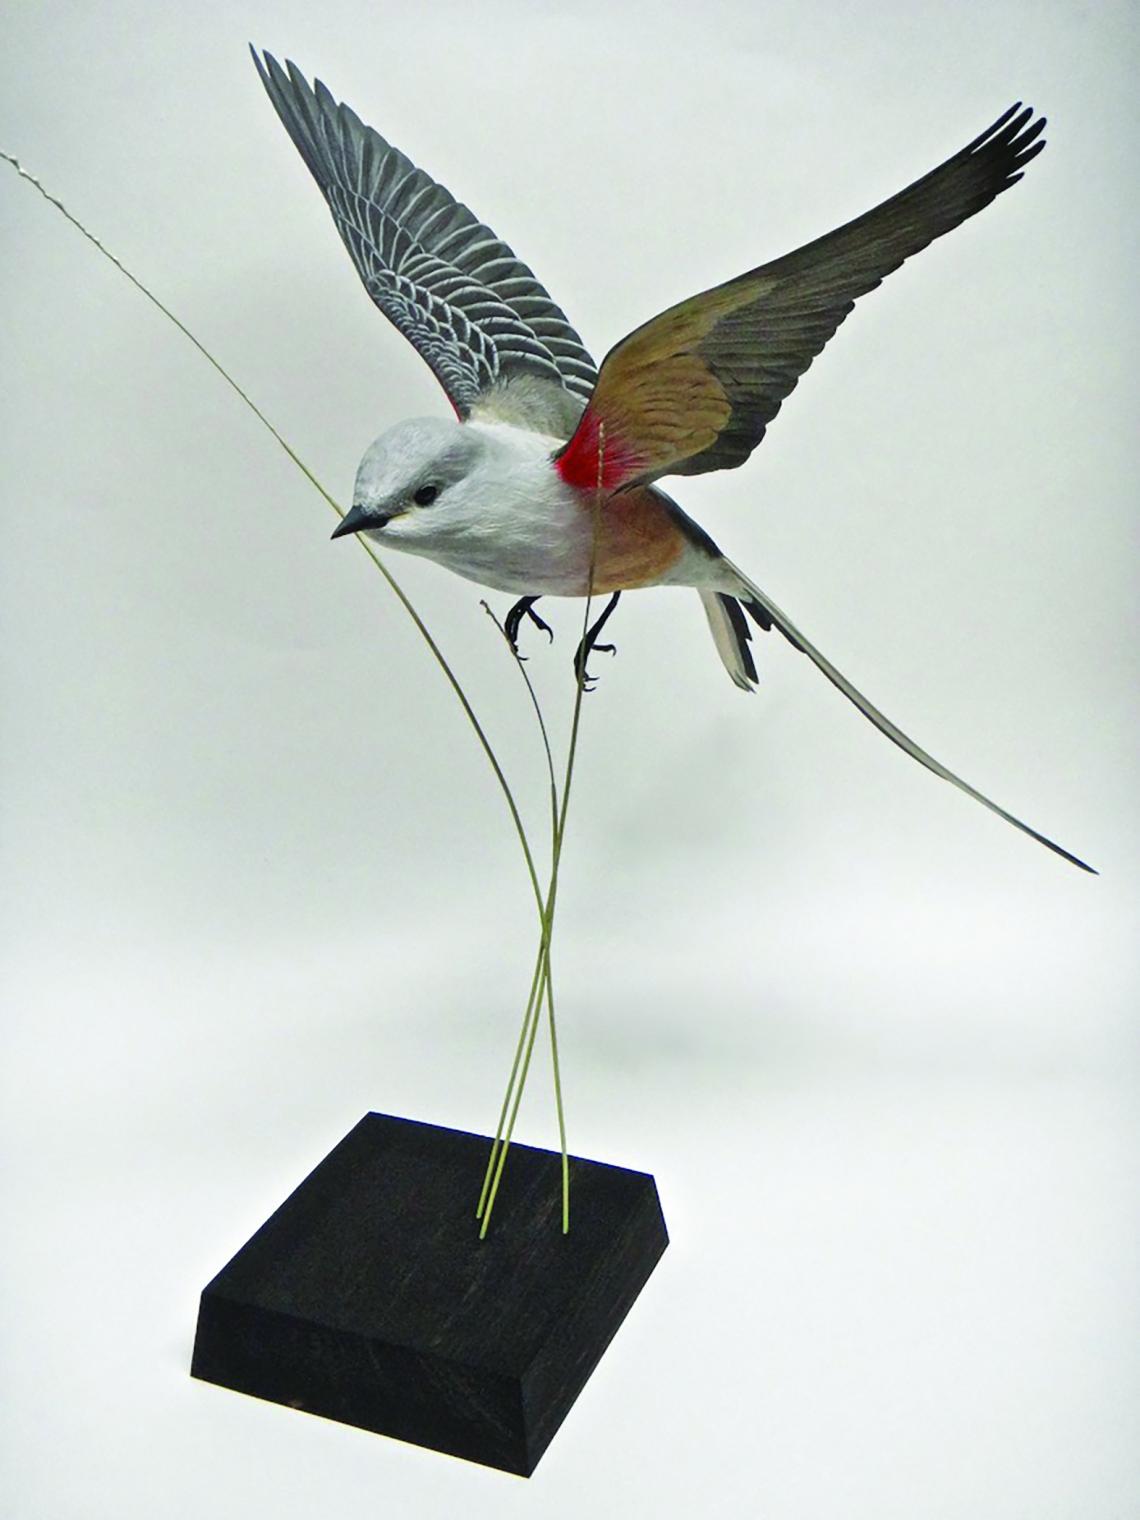 Scissor-tailed flycatcher view 2